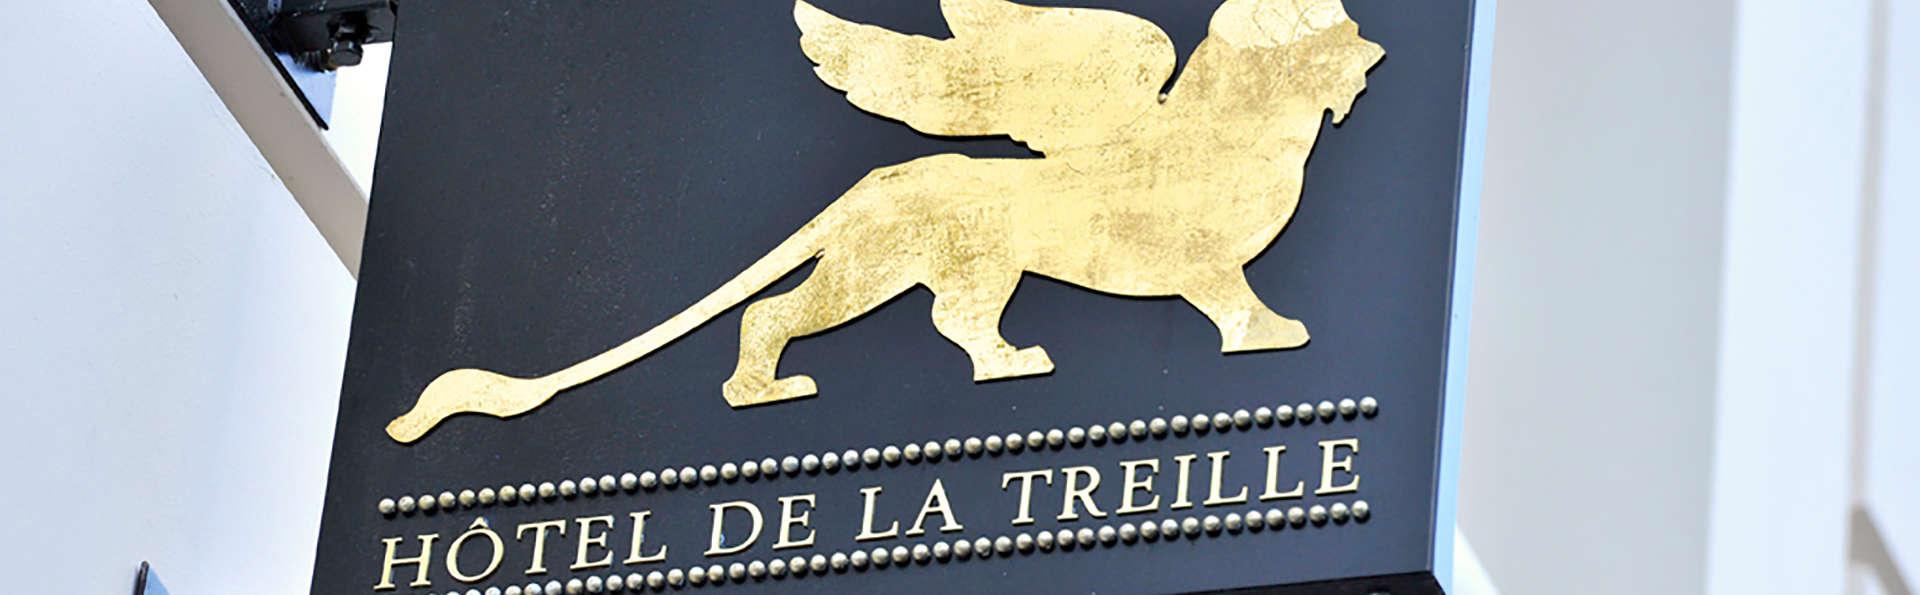 Hôtel de la Treille - Edit_Detail.jpg